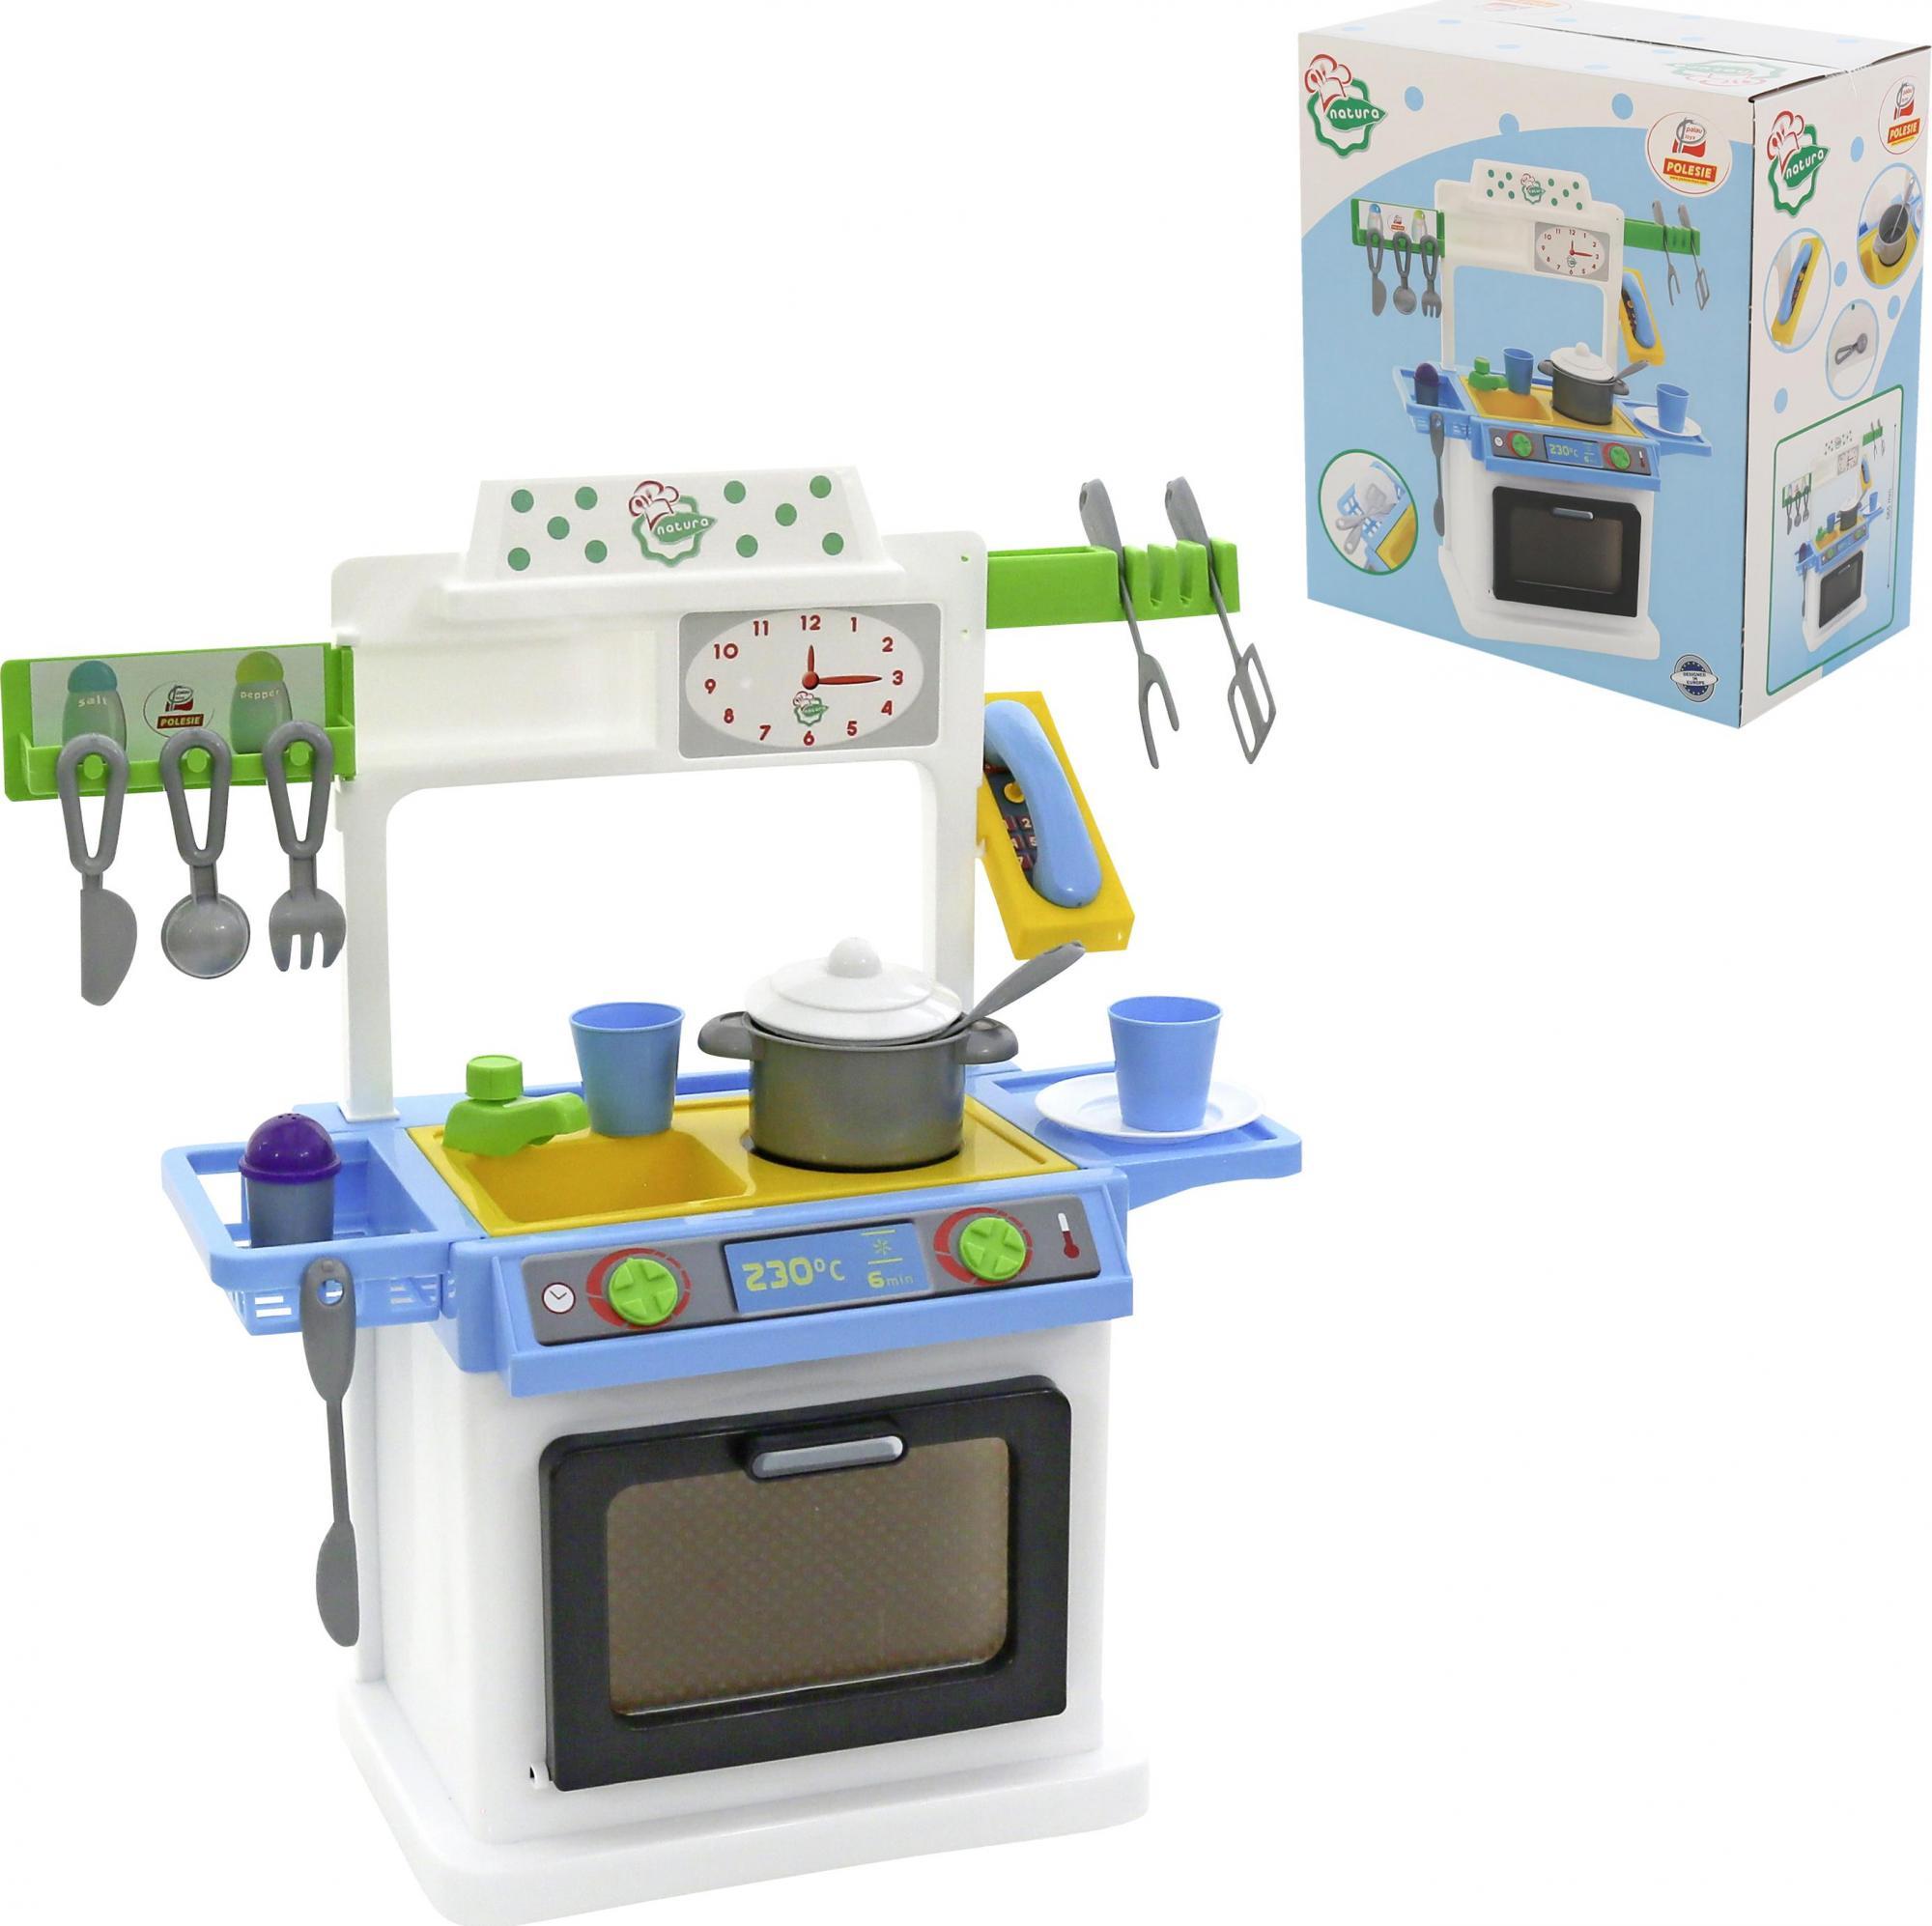 Набор Кухня Natali - Детские игровые кухни, артикул: 156572